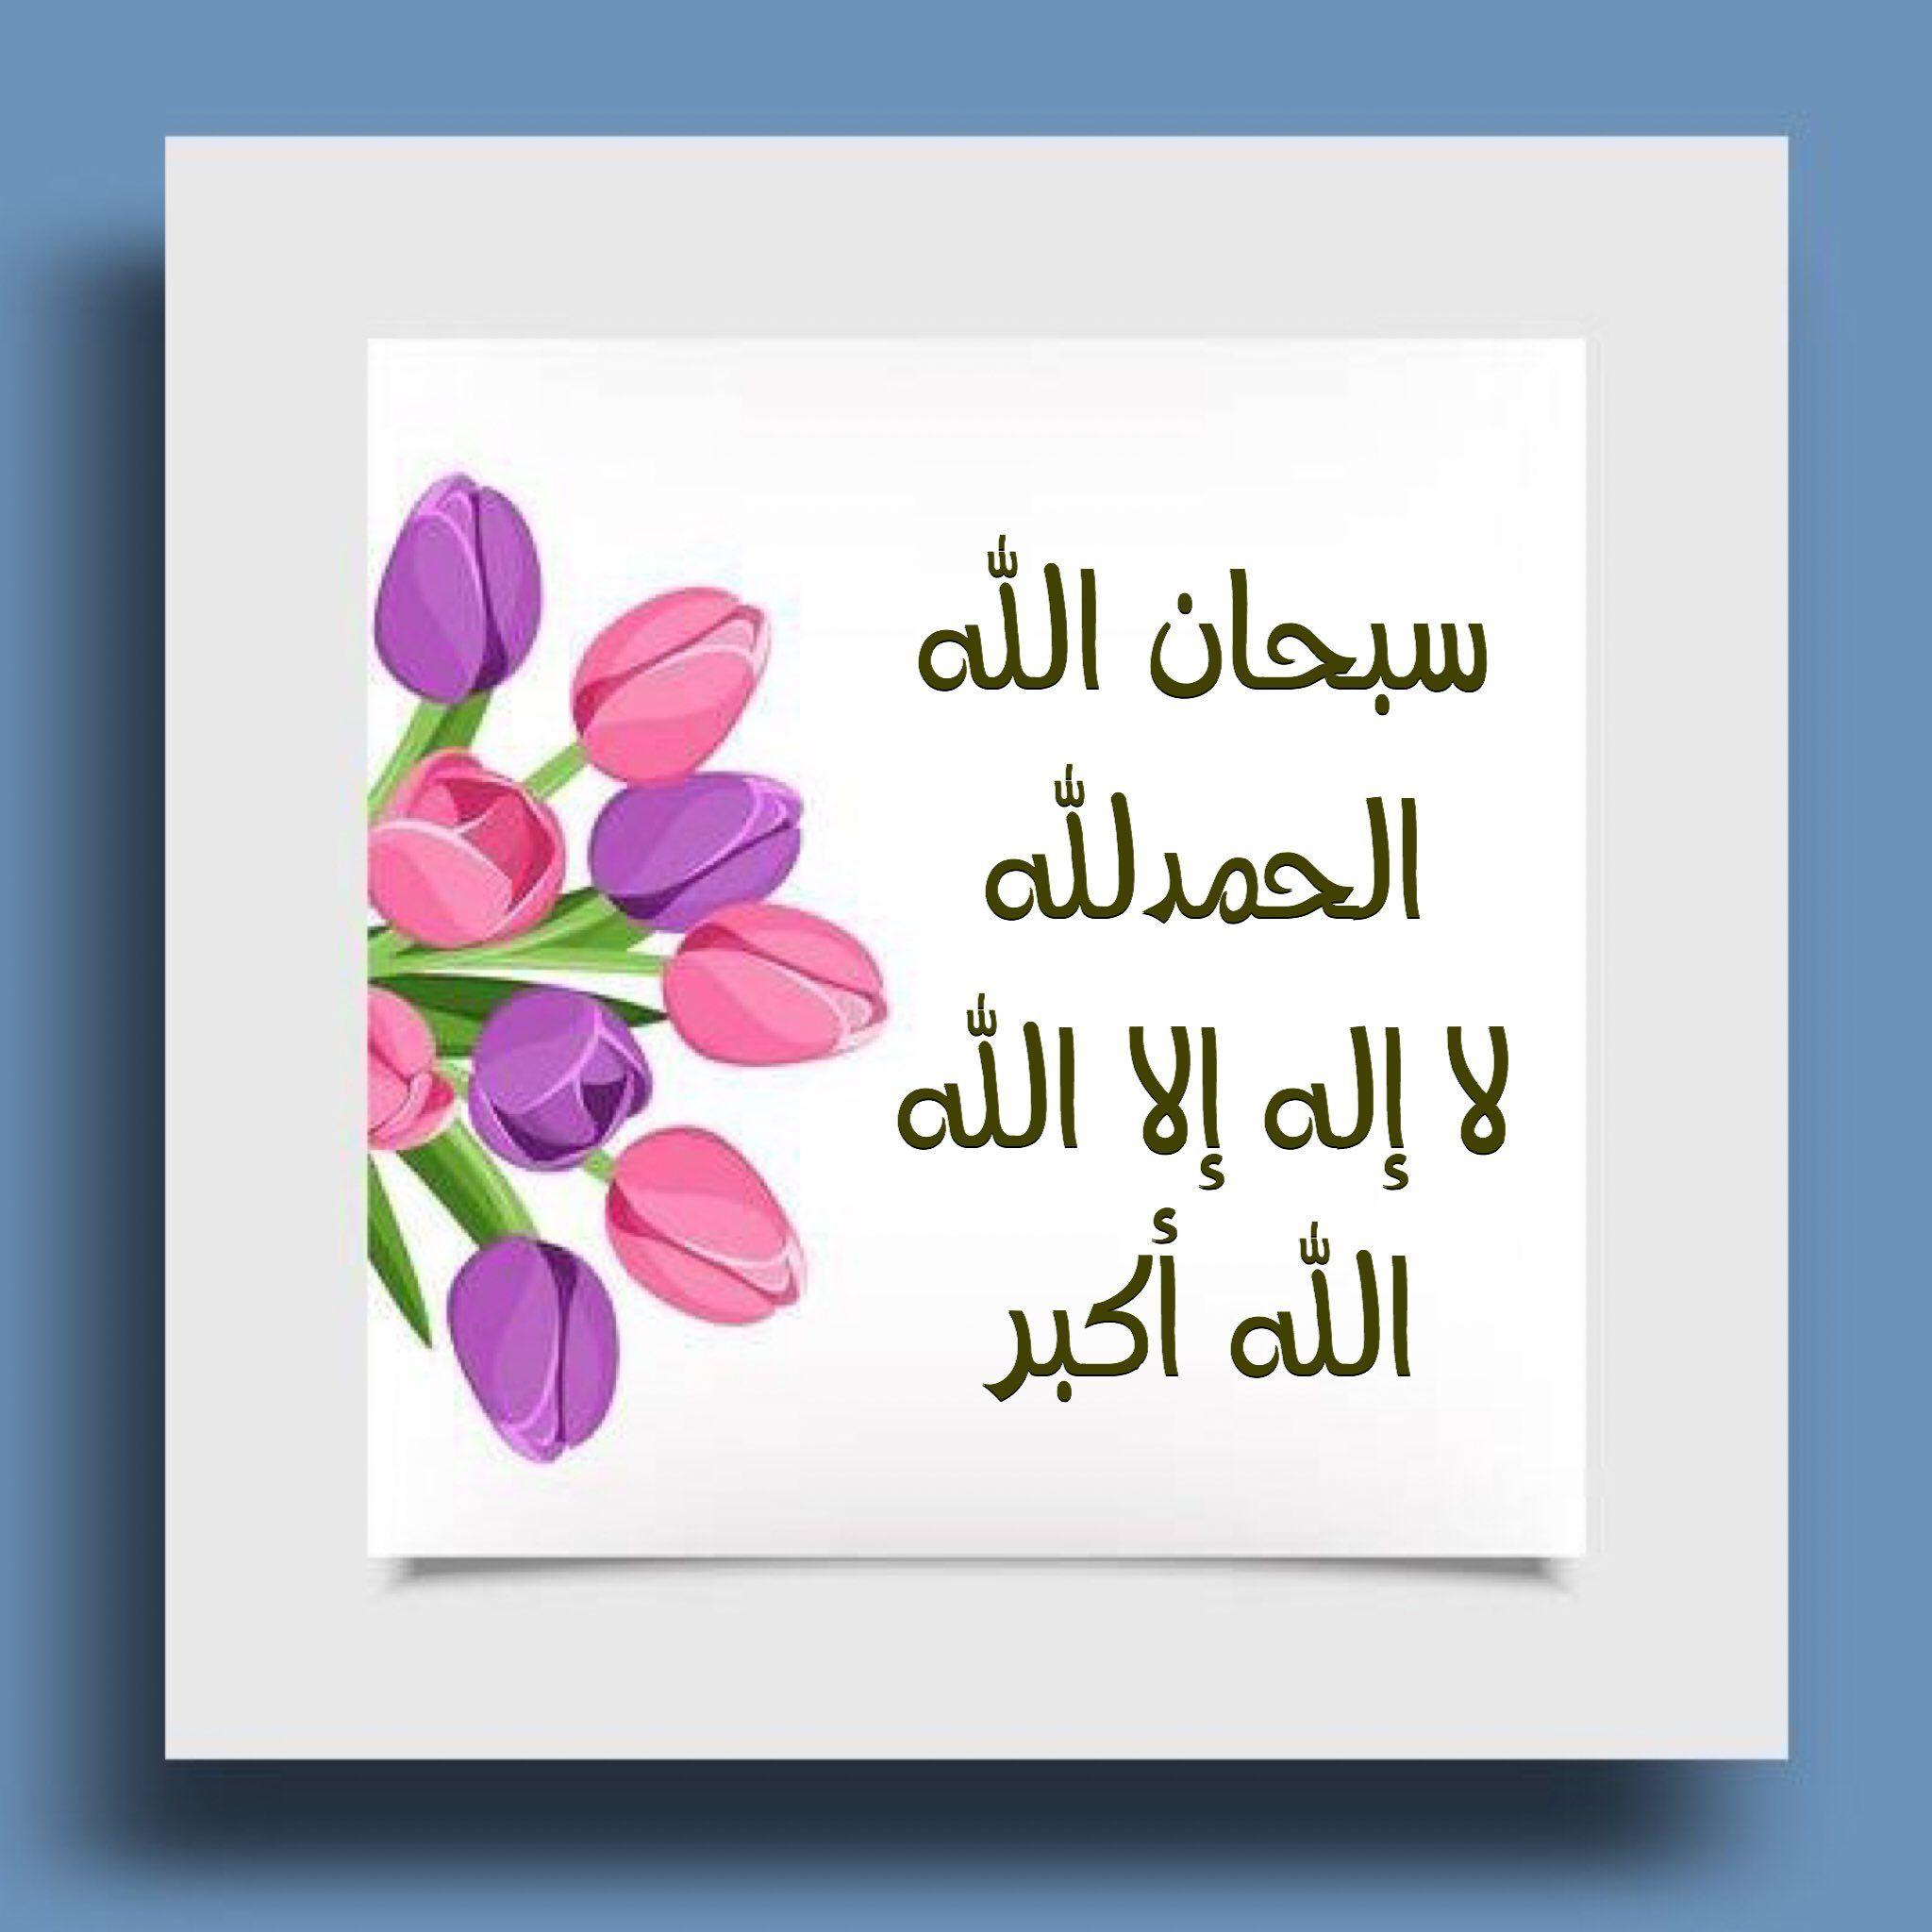 سبحان الله والحمد لله ولا إله إلا الله والله أكبر Islamic Art Calligraphy Doa Islam Islamic Art